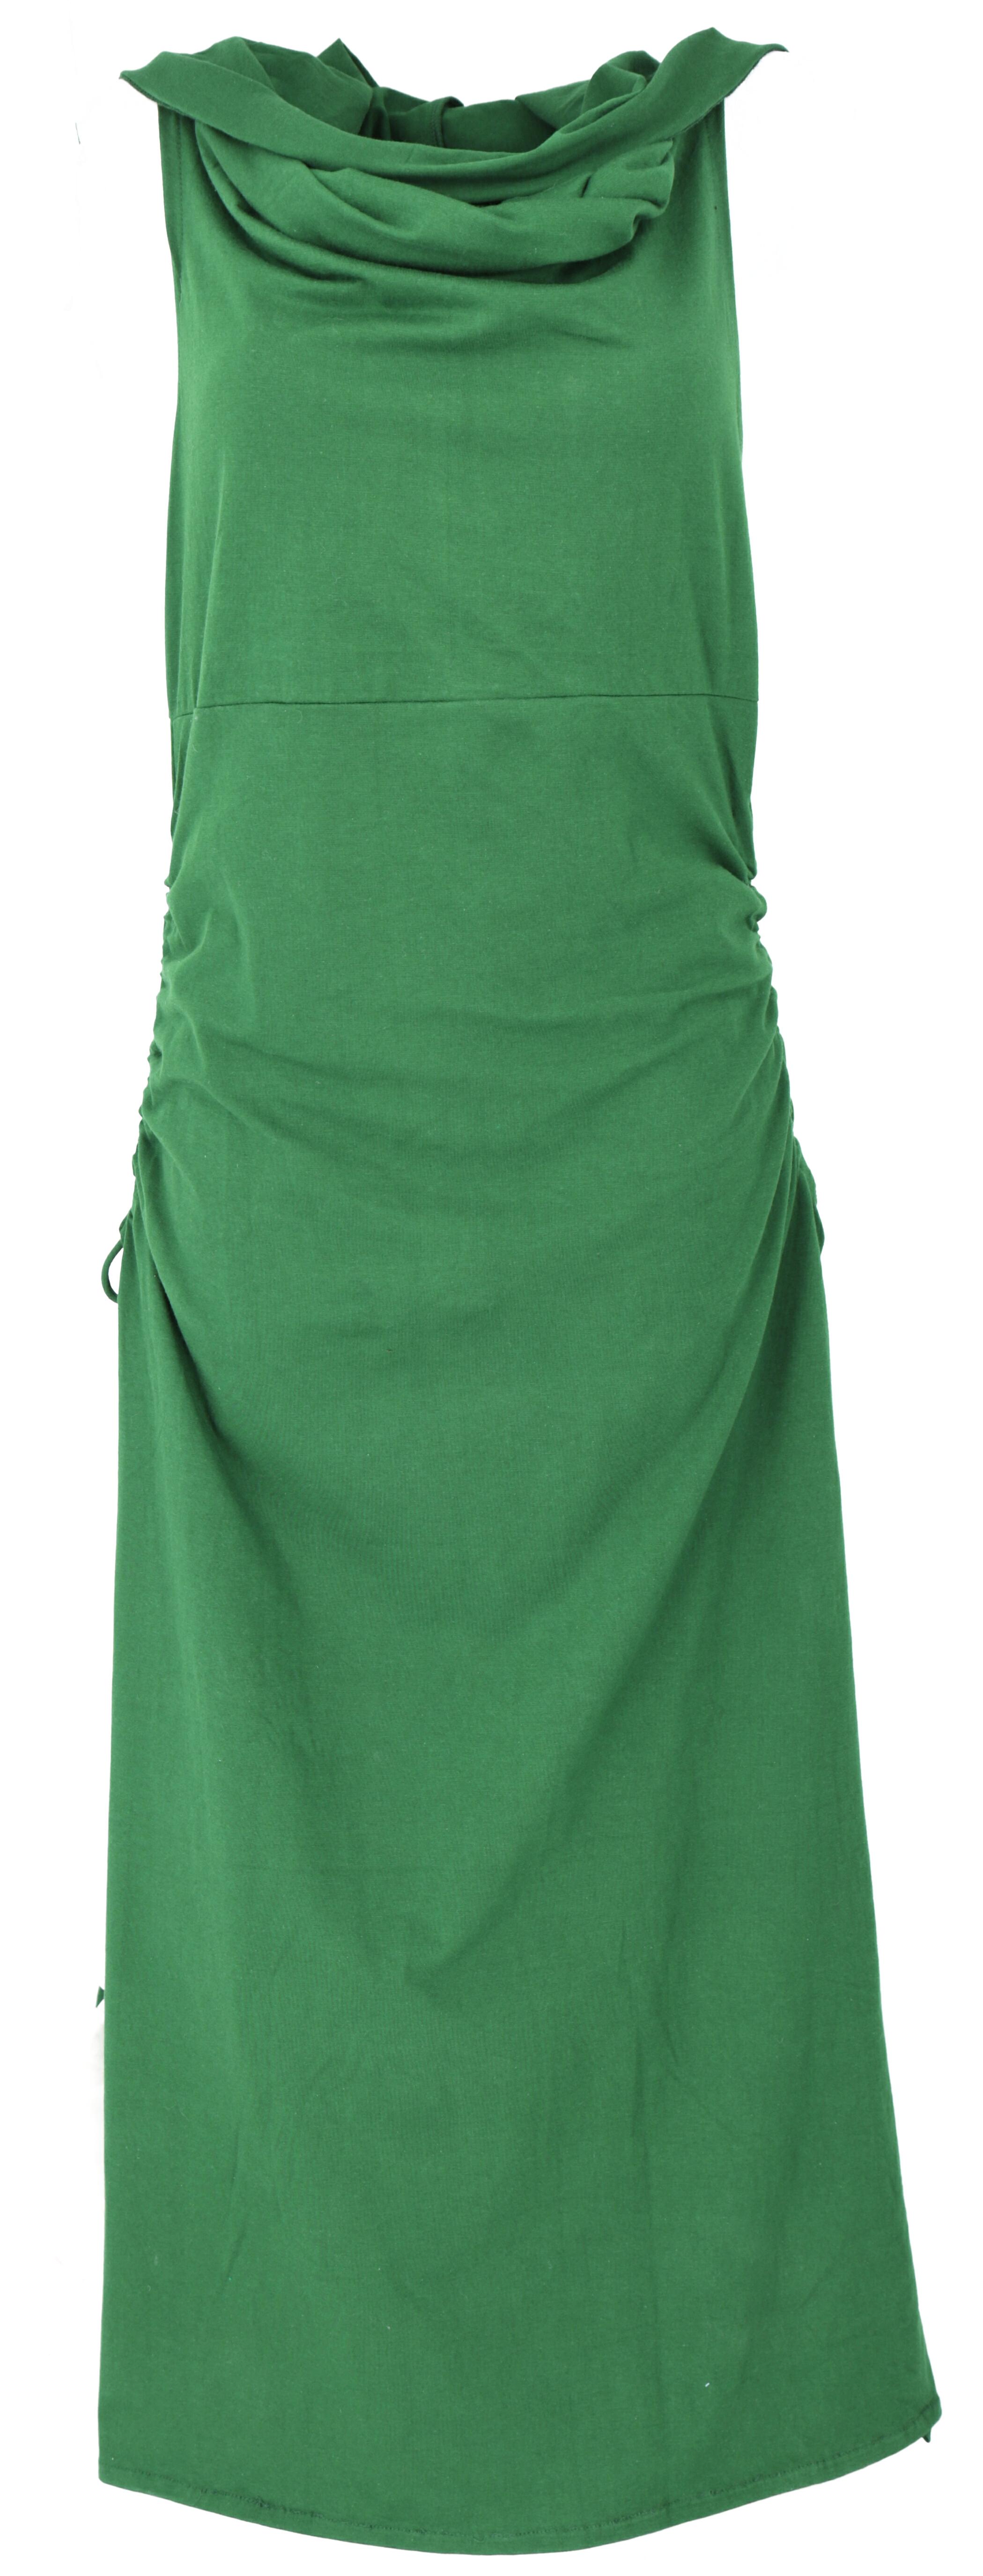 Wandelbares Goa Kleid, Psytrance Festival Kleid - smaragdgrün